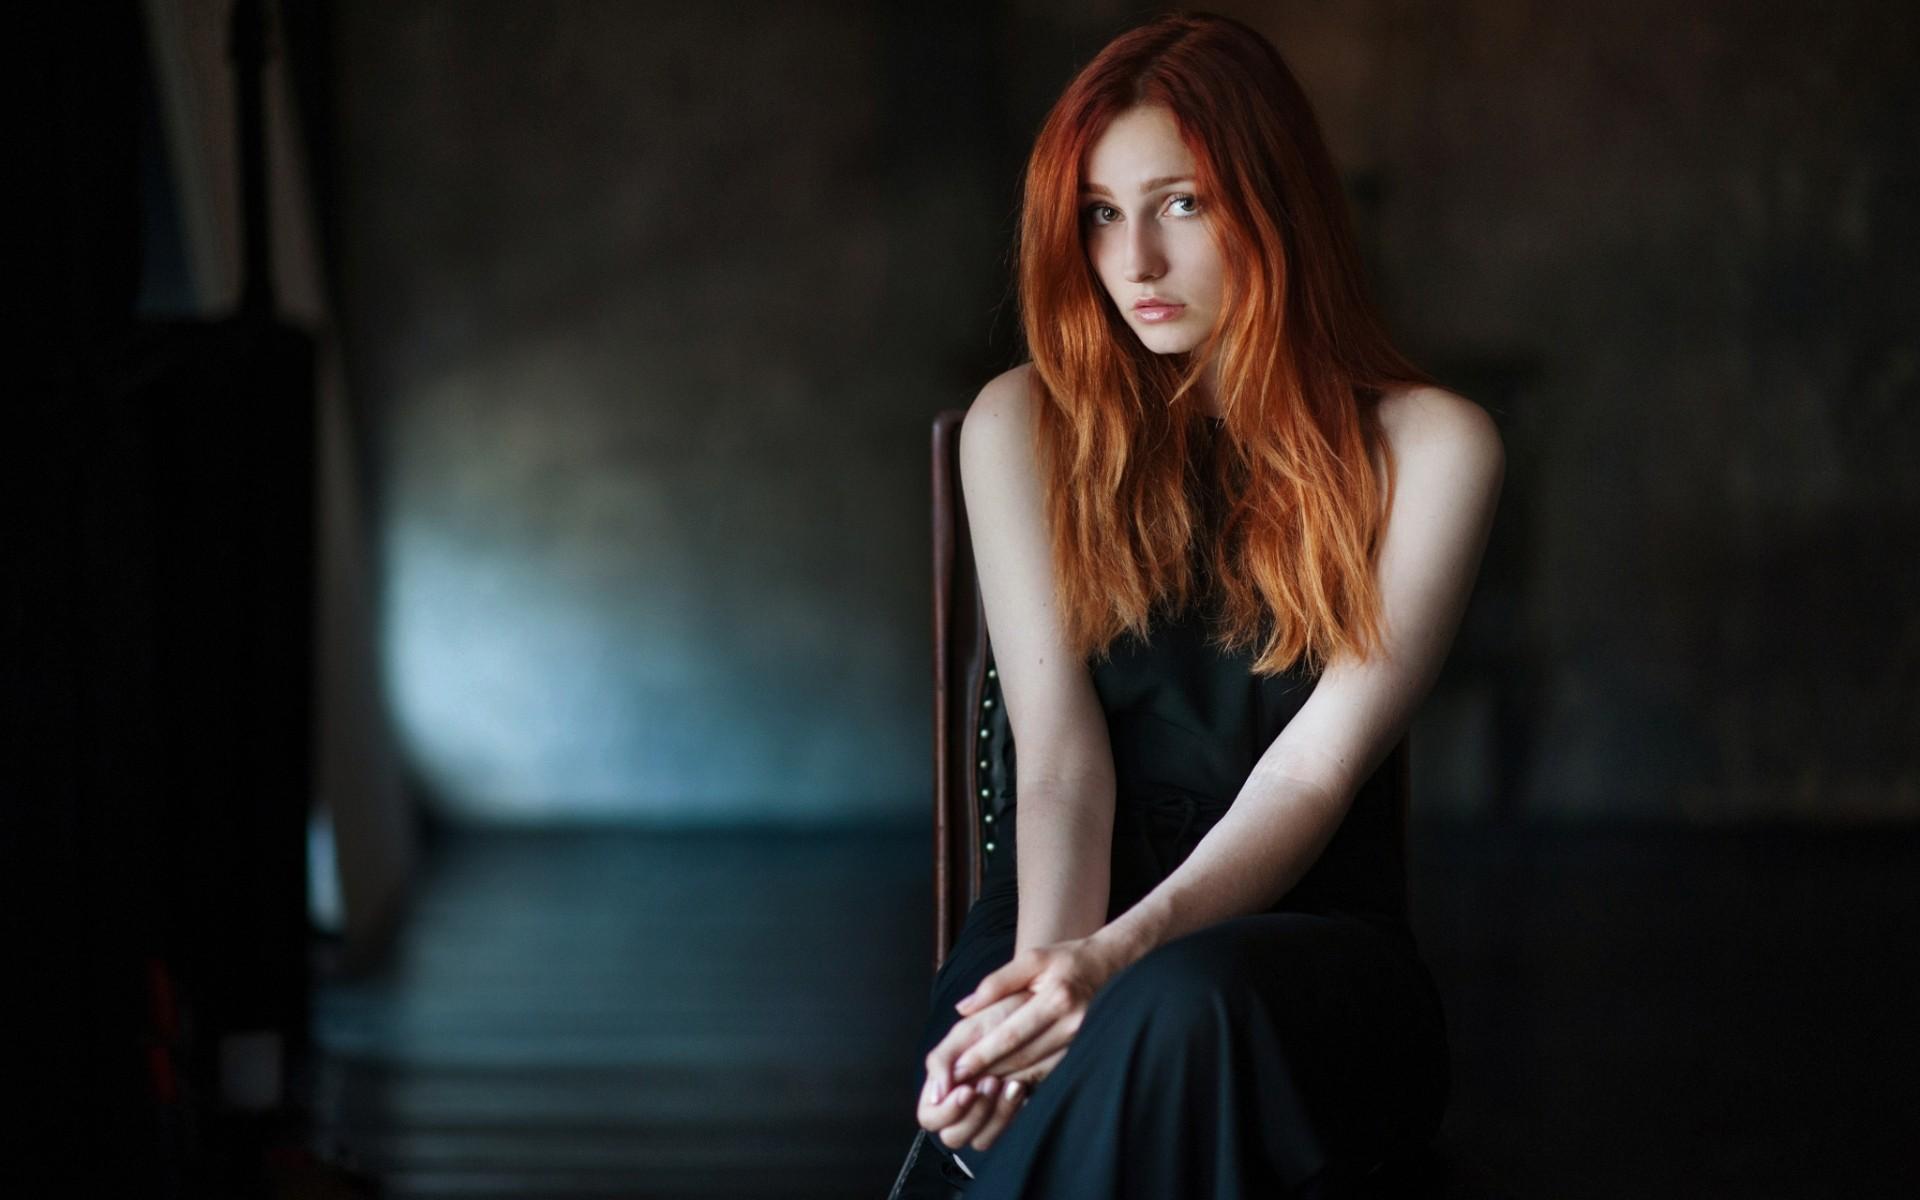 Рыжая красавица на стуле, жену отеле порно